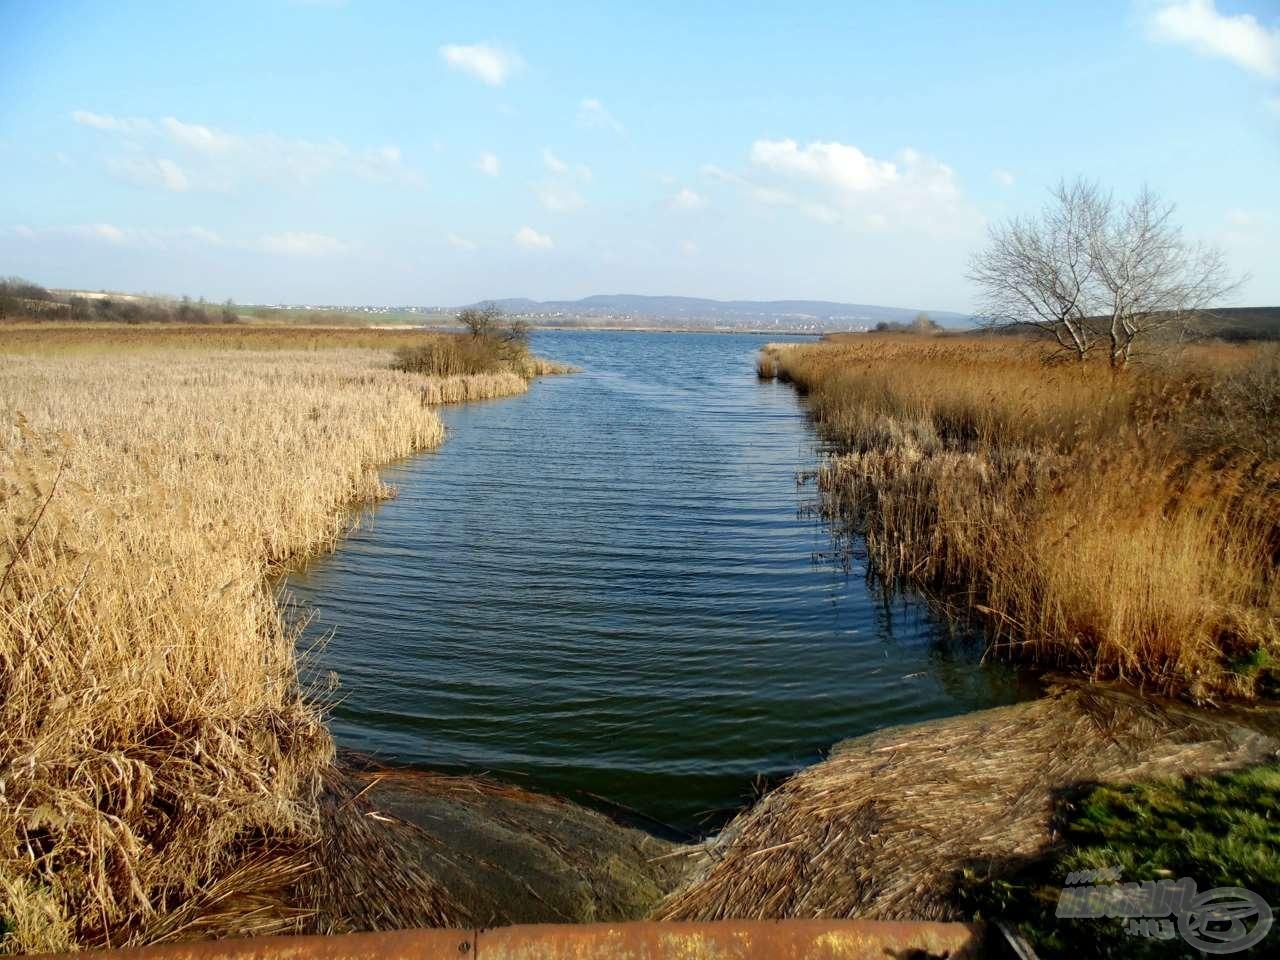 A völgyben több tó is található, igazán szép környezetben